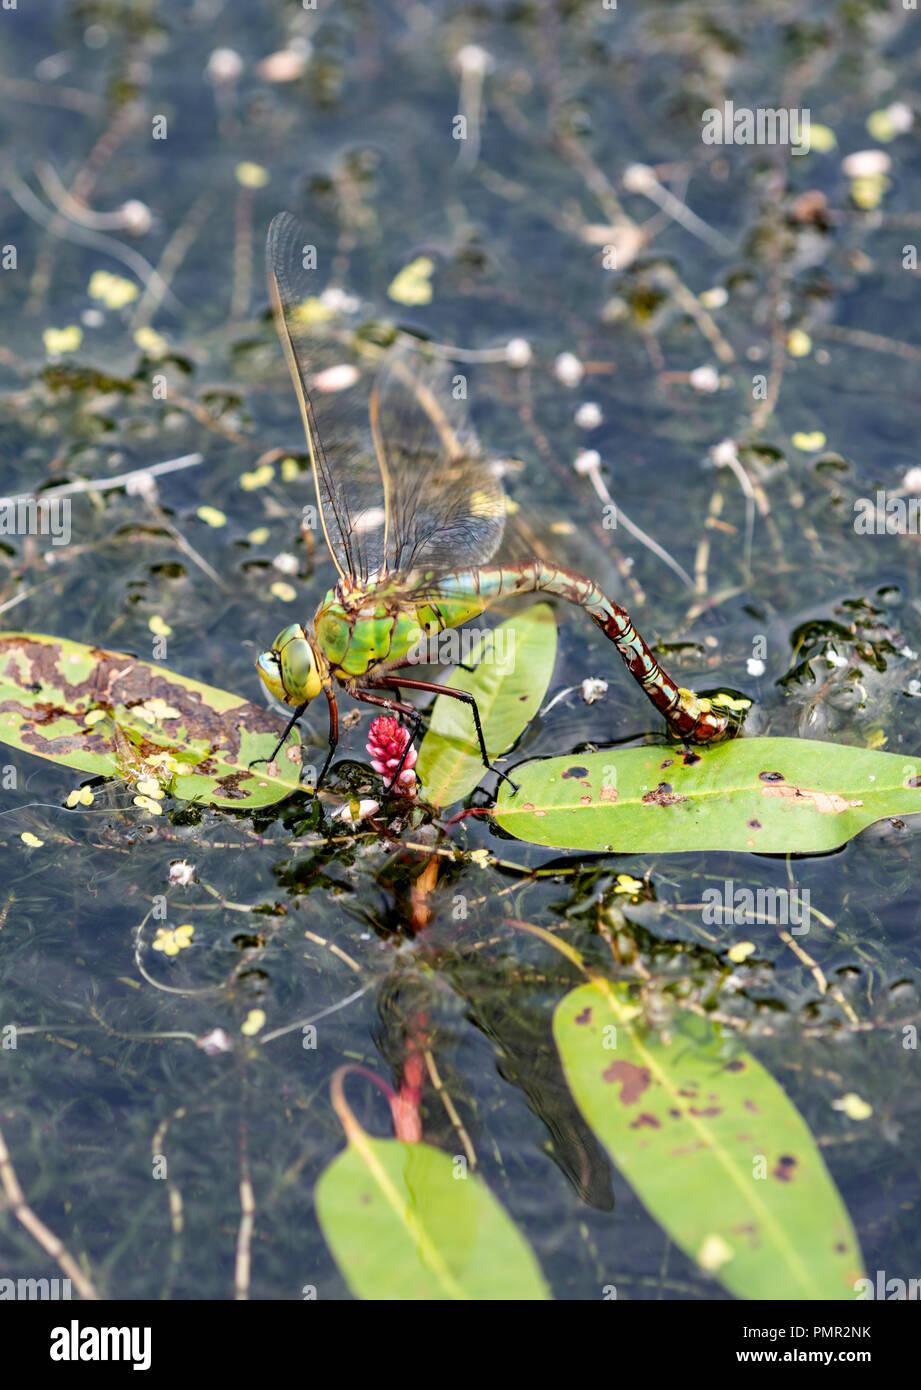 Kaiser Dragonfl; y: Anax imperator. Weibchen mit der Eiablage auf Unterwasservegetation. Surrey, Großbritannien. Stockbild